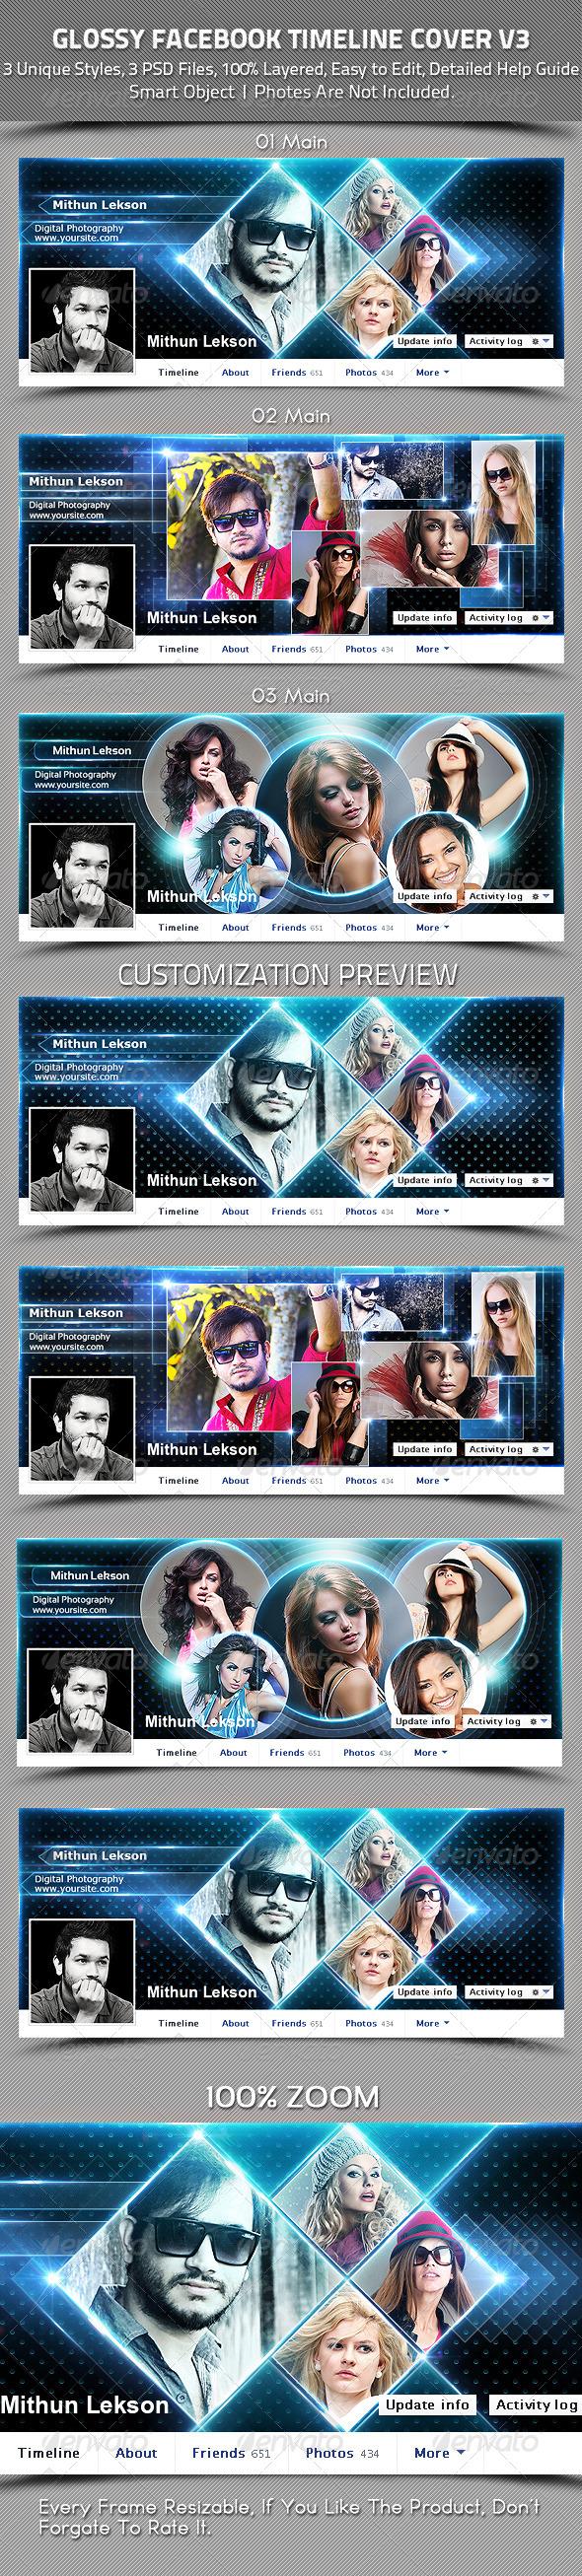 Glossy Facebook Timeline Cover V3 - Facebook Timeline Covers Social Media